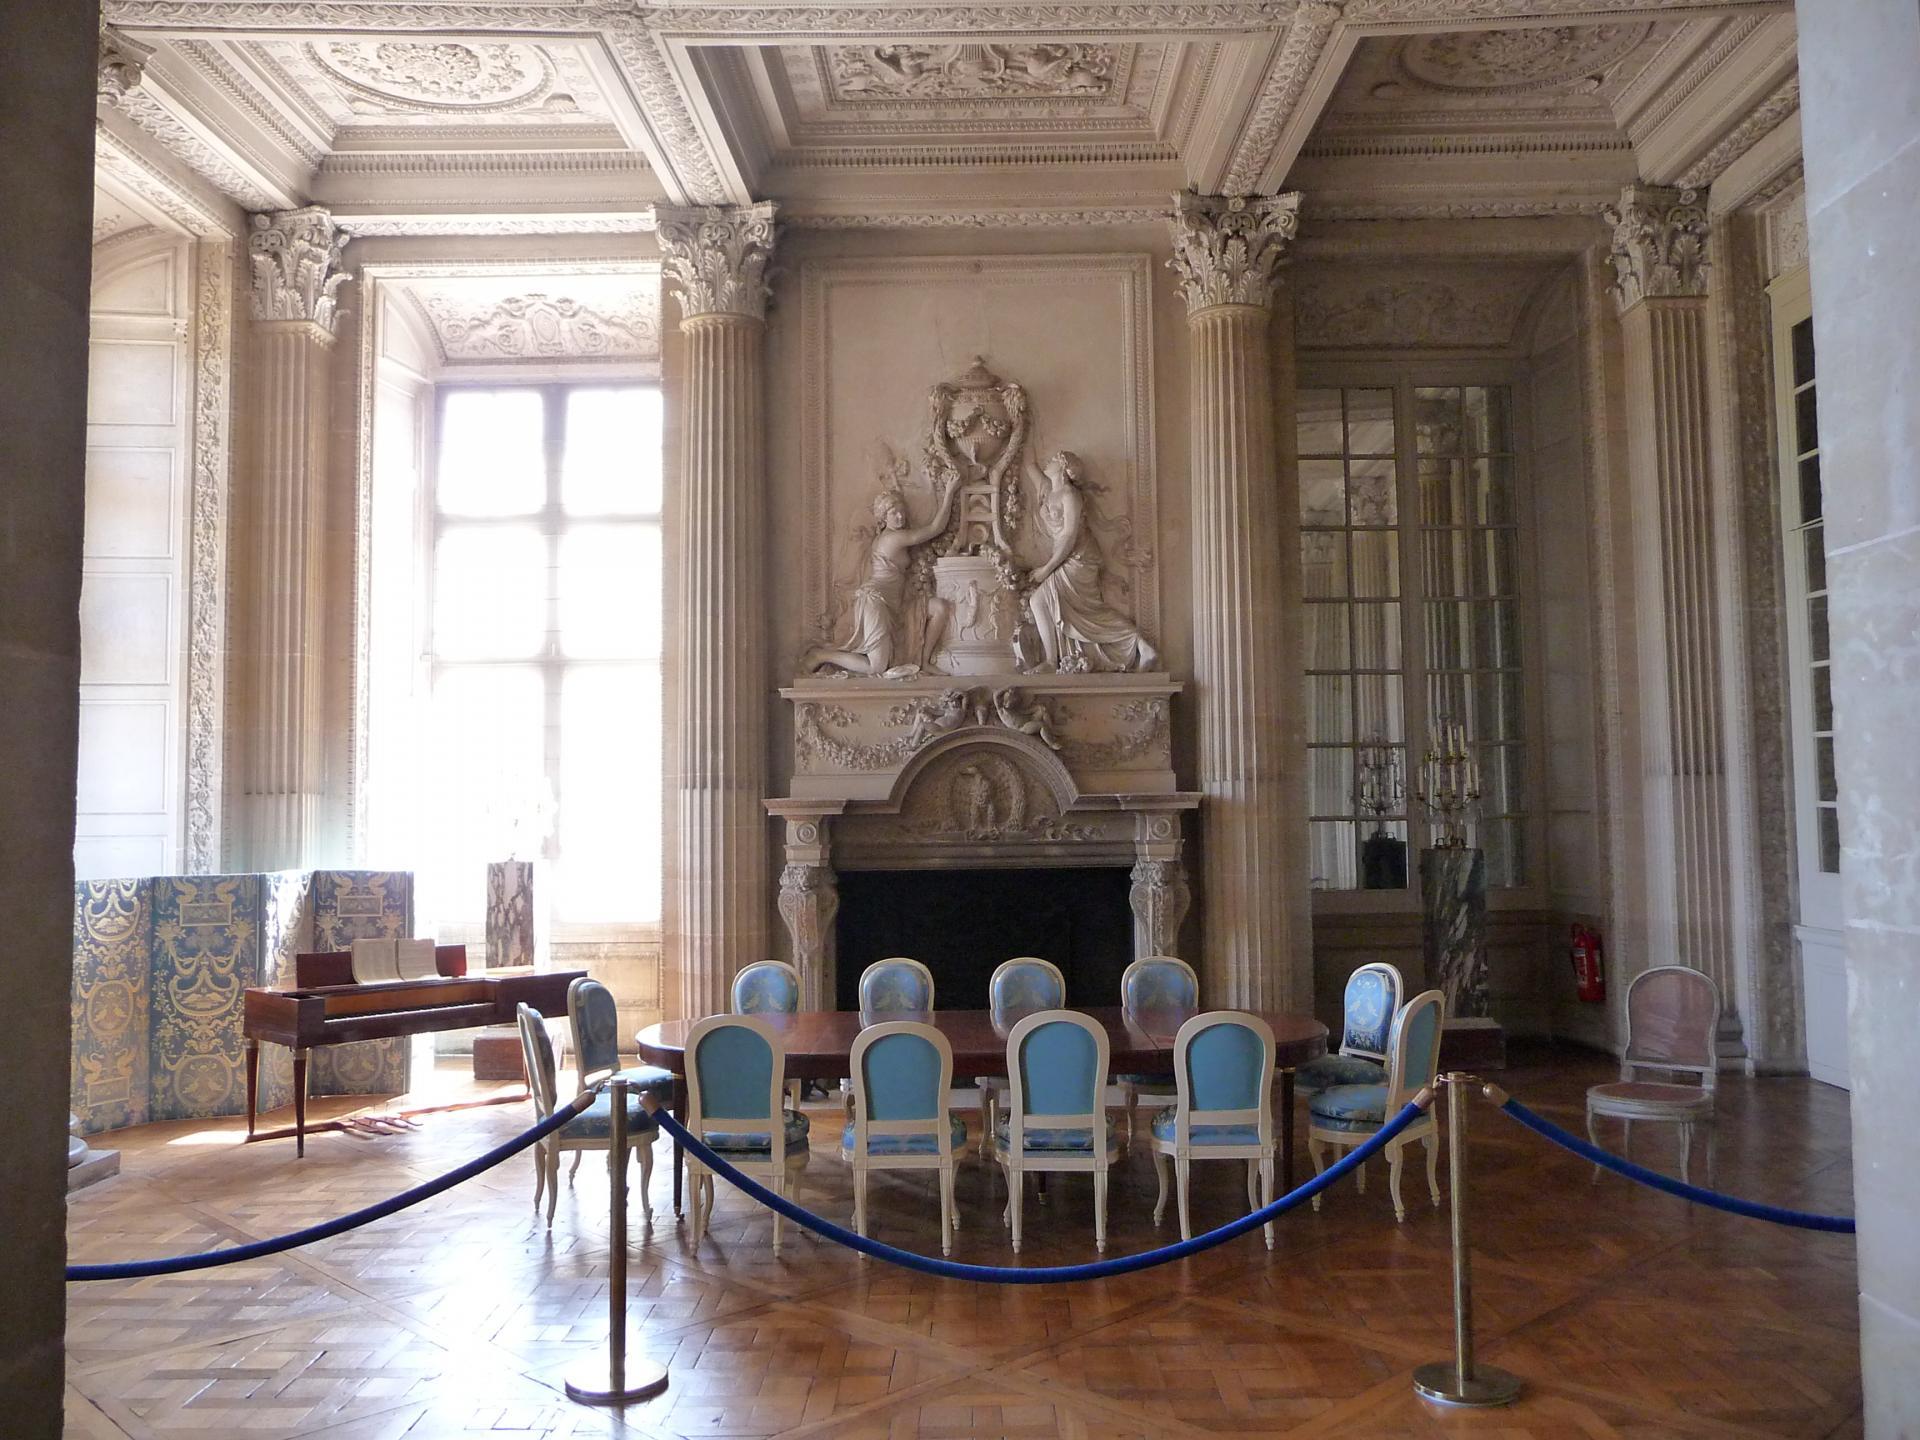 François-Joseph Bélanger : Salle à manger du comte d'Artois au château de Maisons, 1777-1784, cl. Ph. Cachau